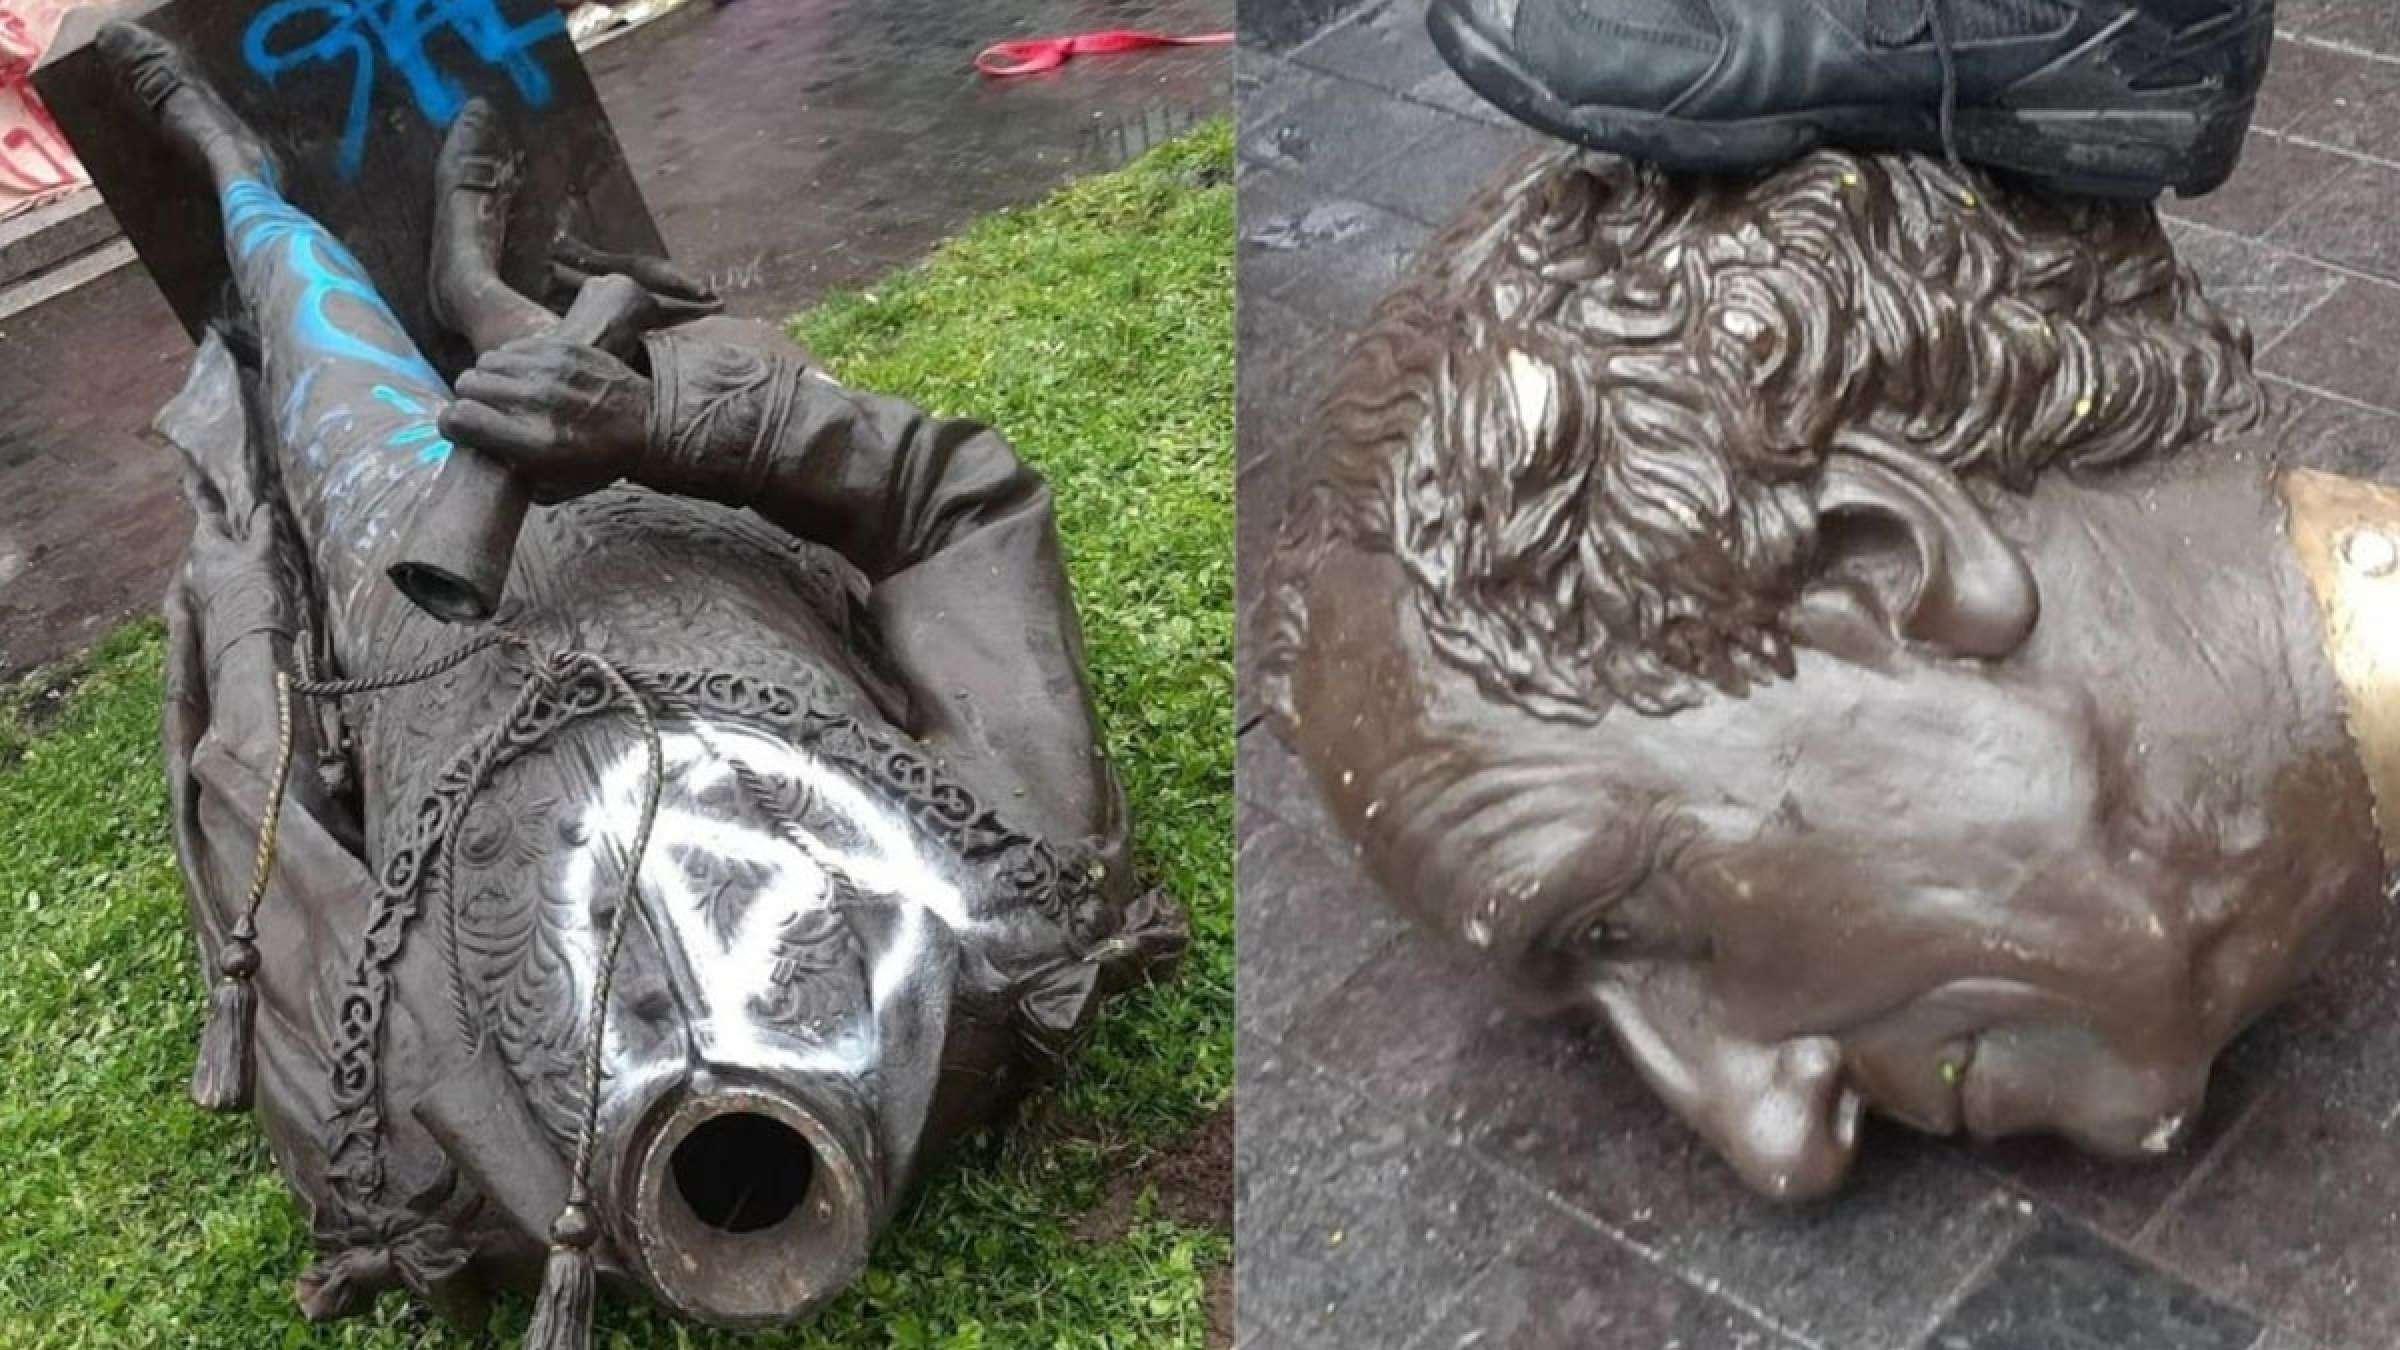 اخبار-کانادا-سرنگونی-مجسمه-مک-دونالد-در-مونترال-جیسون-کنی-به-من-بدهید-تا-نصبش-کنم